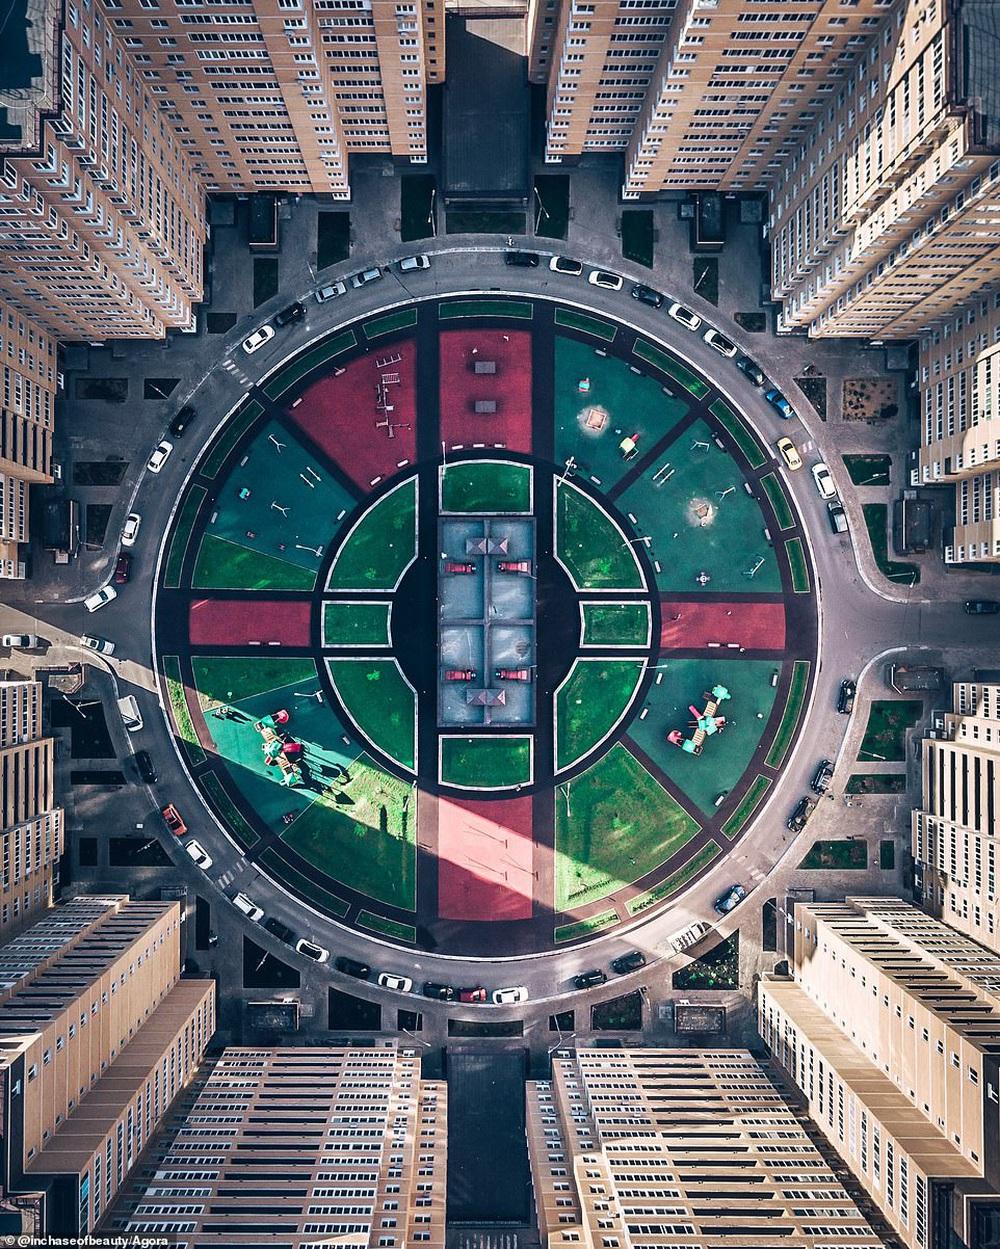 Cầu Vàng vượt qua 10.000 đối thủ giành chiến thắng giải nhiếp ảnh Architecture 2020, một địa danh khác của Việt Nam cũng lọt top đề cử - Ảnh 4.